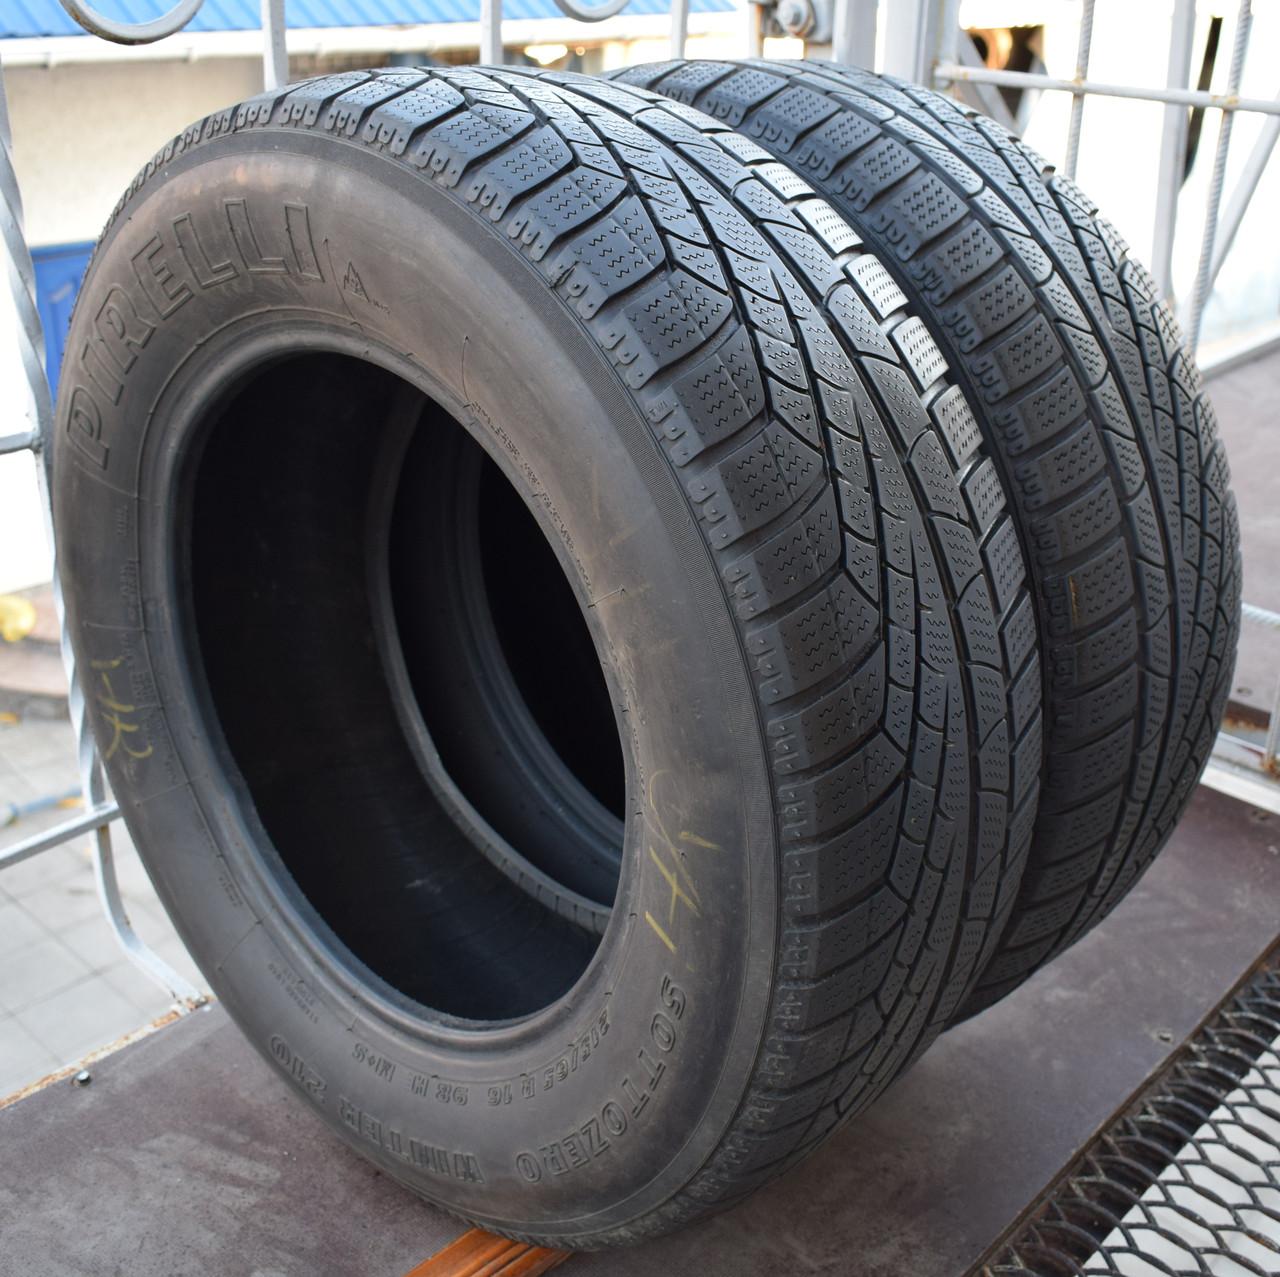 Шини б/у 215/65 R16 Pirelli Sottozero, ЗИМА, 5-5.5 мм, пара